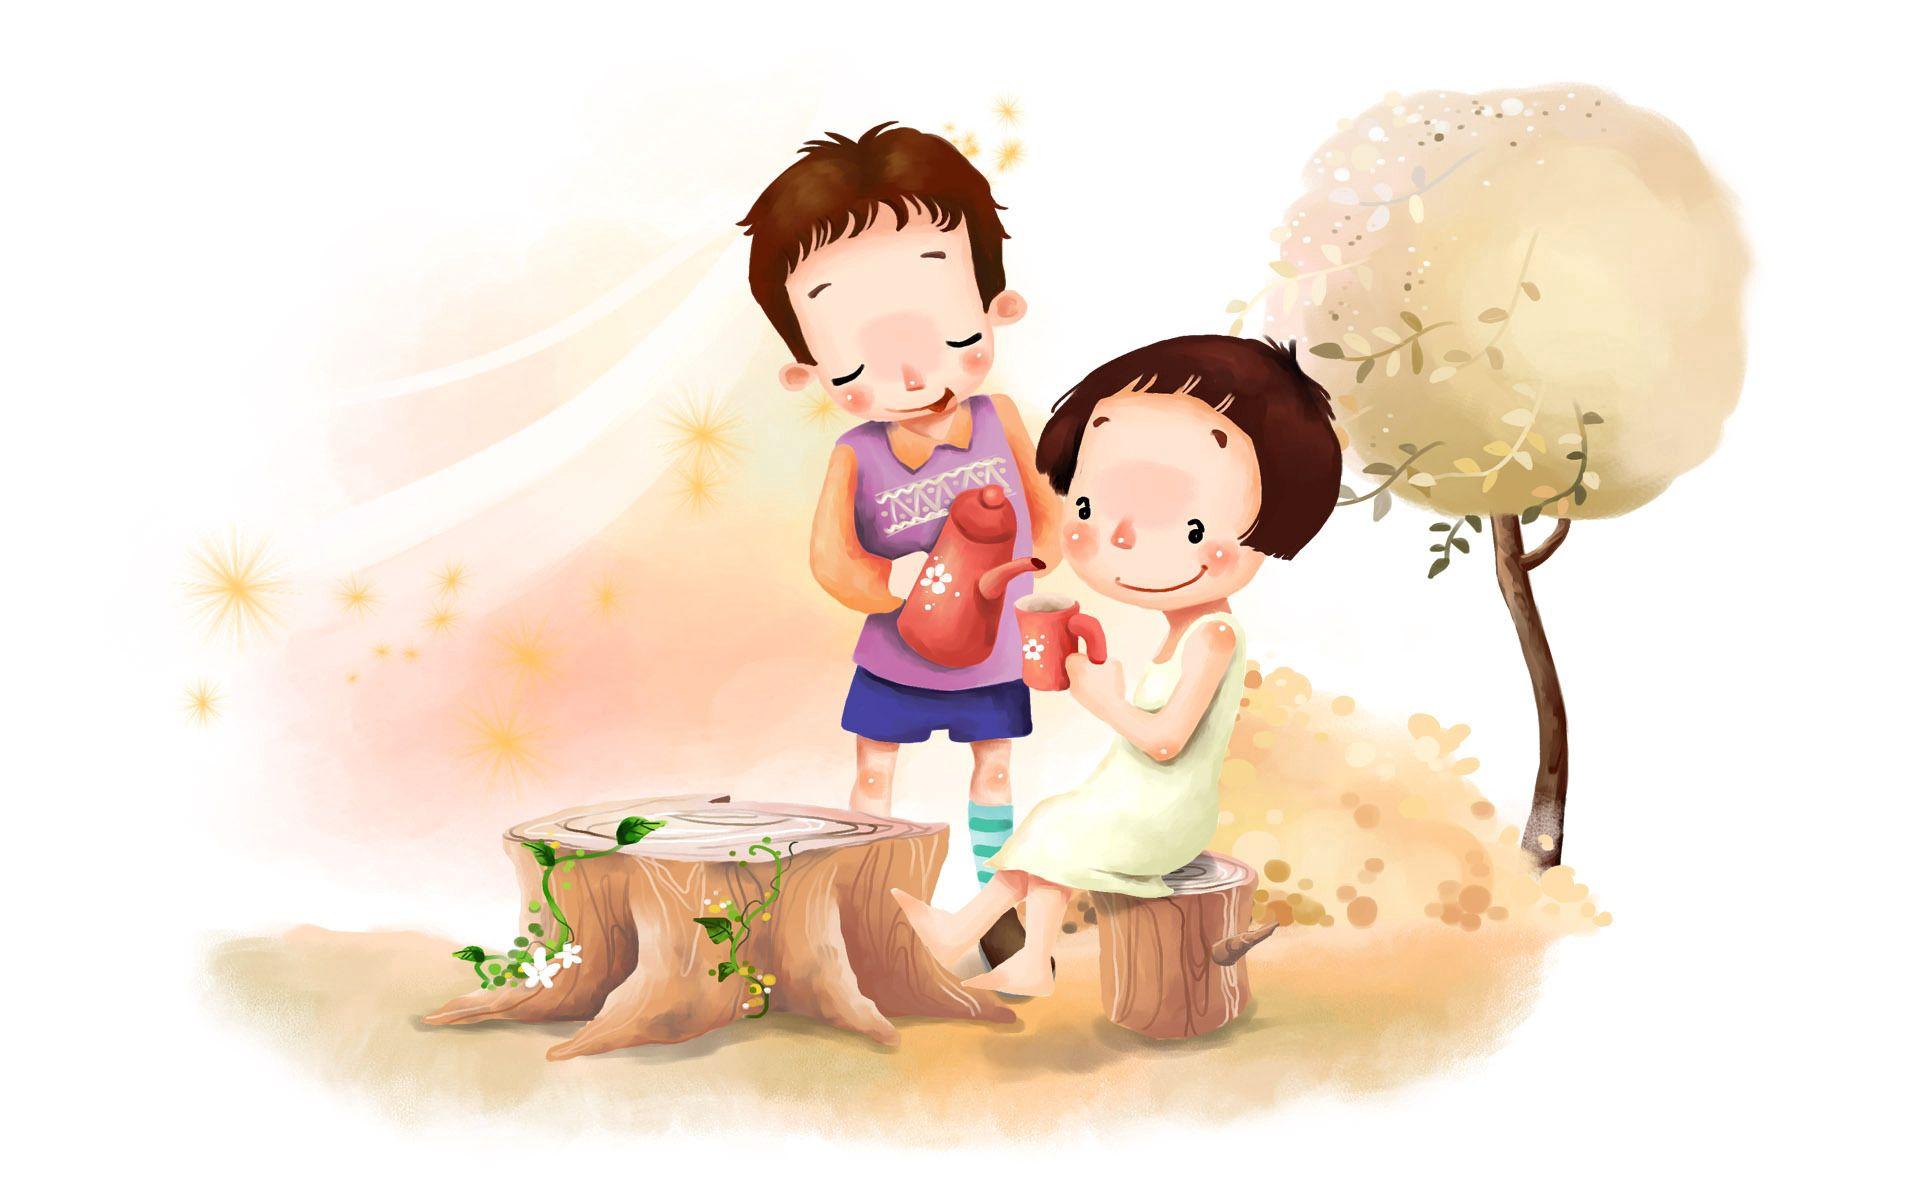 91582 скачать обои Разное, Рисунок, Девочка, Мальчик, Поляна, Дерево, Листва, Ветер, Чаепитие, Детство, Позитив, Цветы - заставки и картинки бесплатно